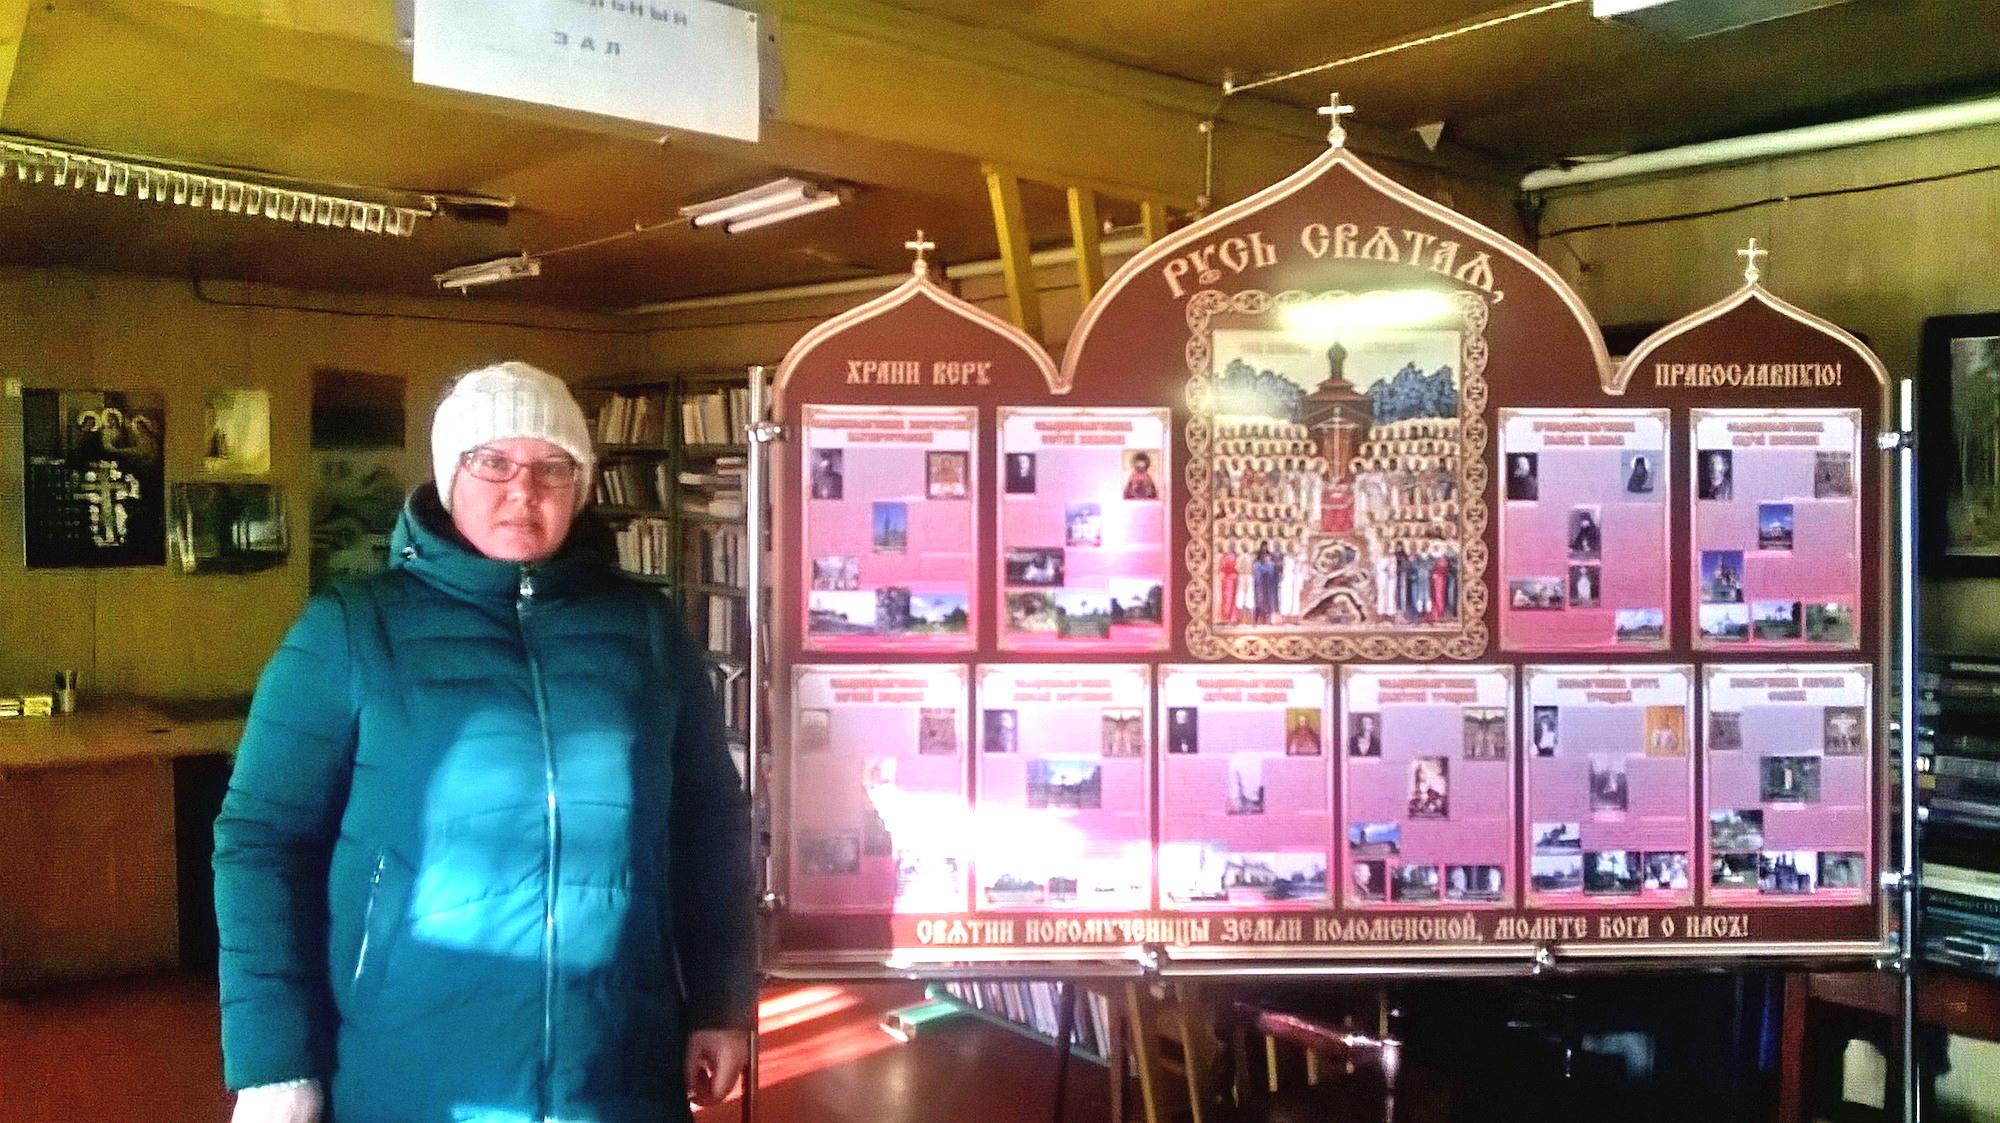 Передвижной фотостенд о новомучениках Коломенских в Макшеевской сельской библиотеке